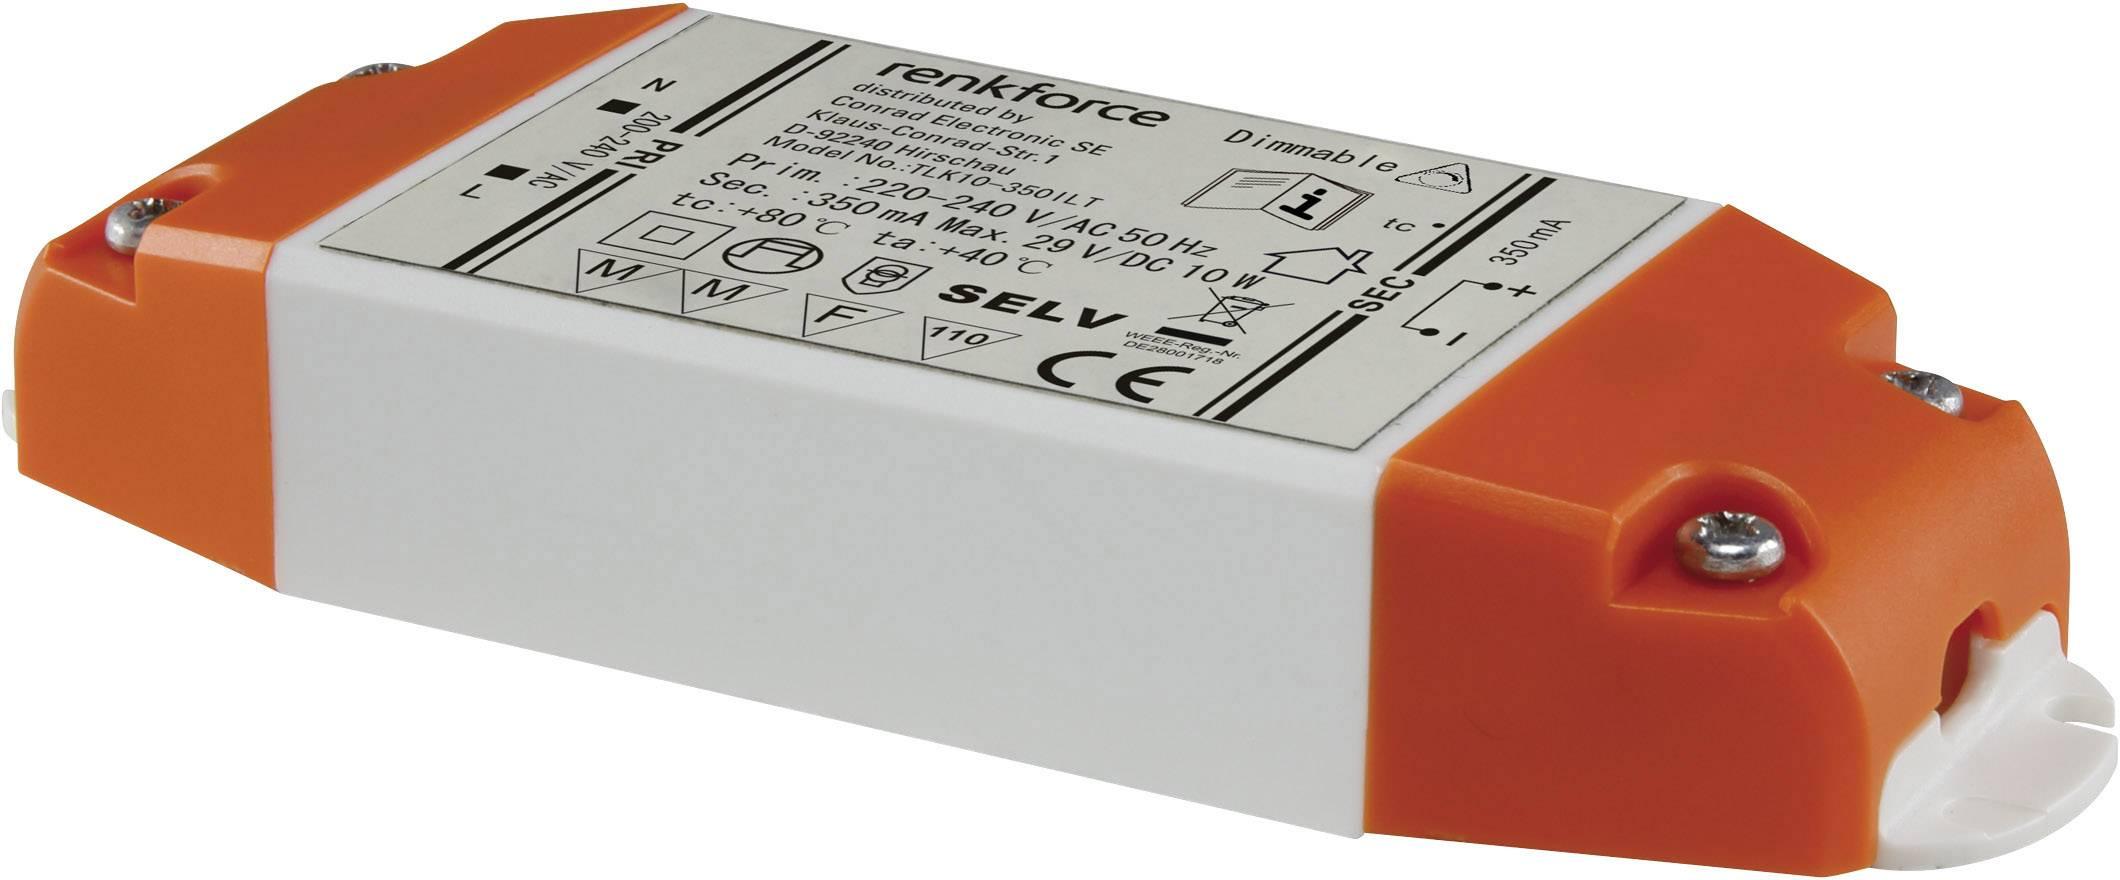 Napájací zdroj Renkforce pre LED, 6-10 W, 350 mA, 9283c61, biela/oranžová